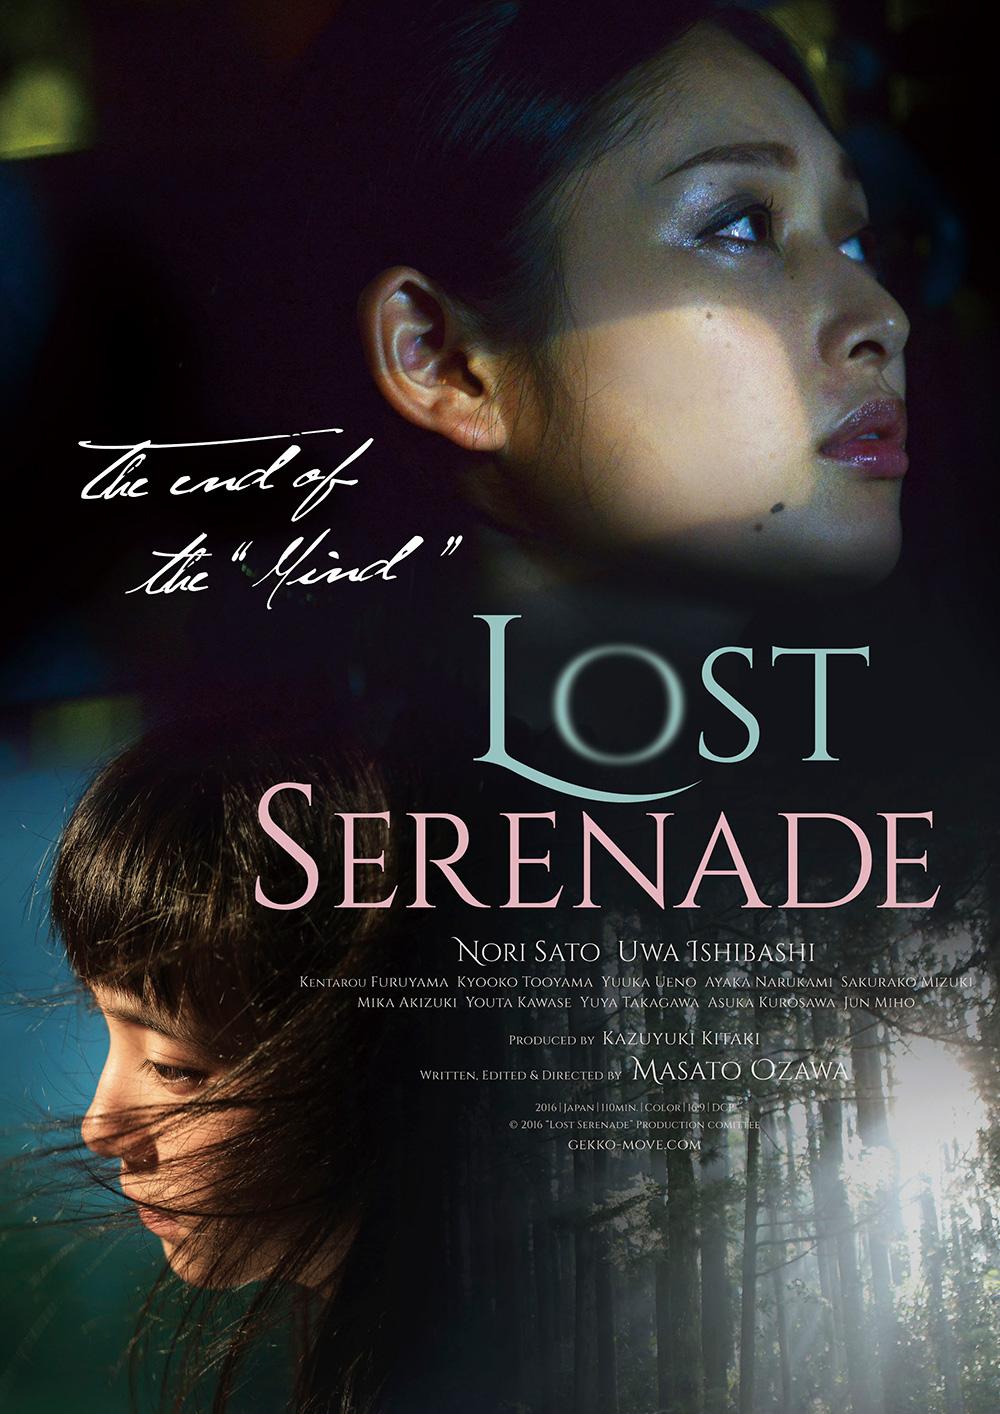 Lost serenade